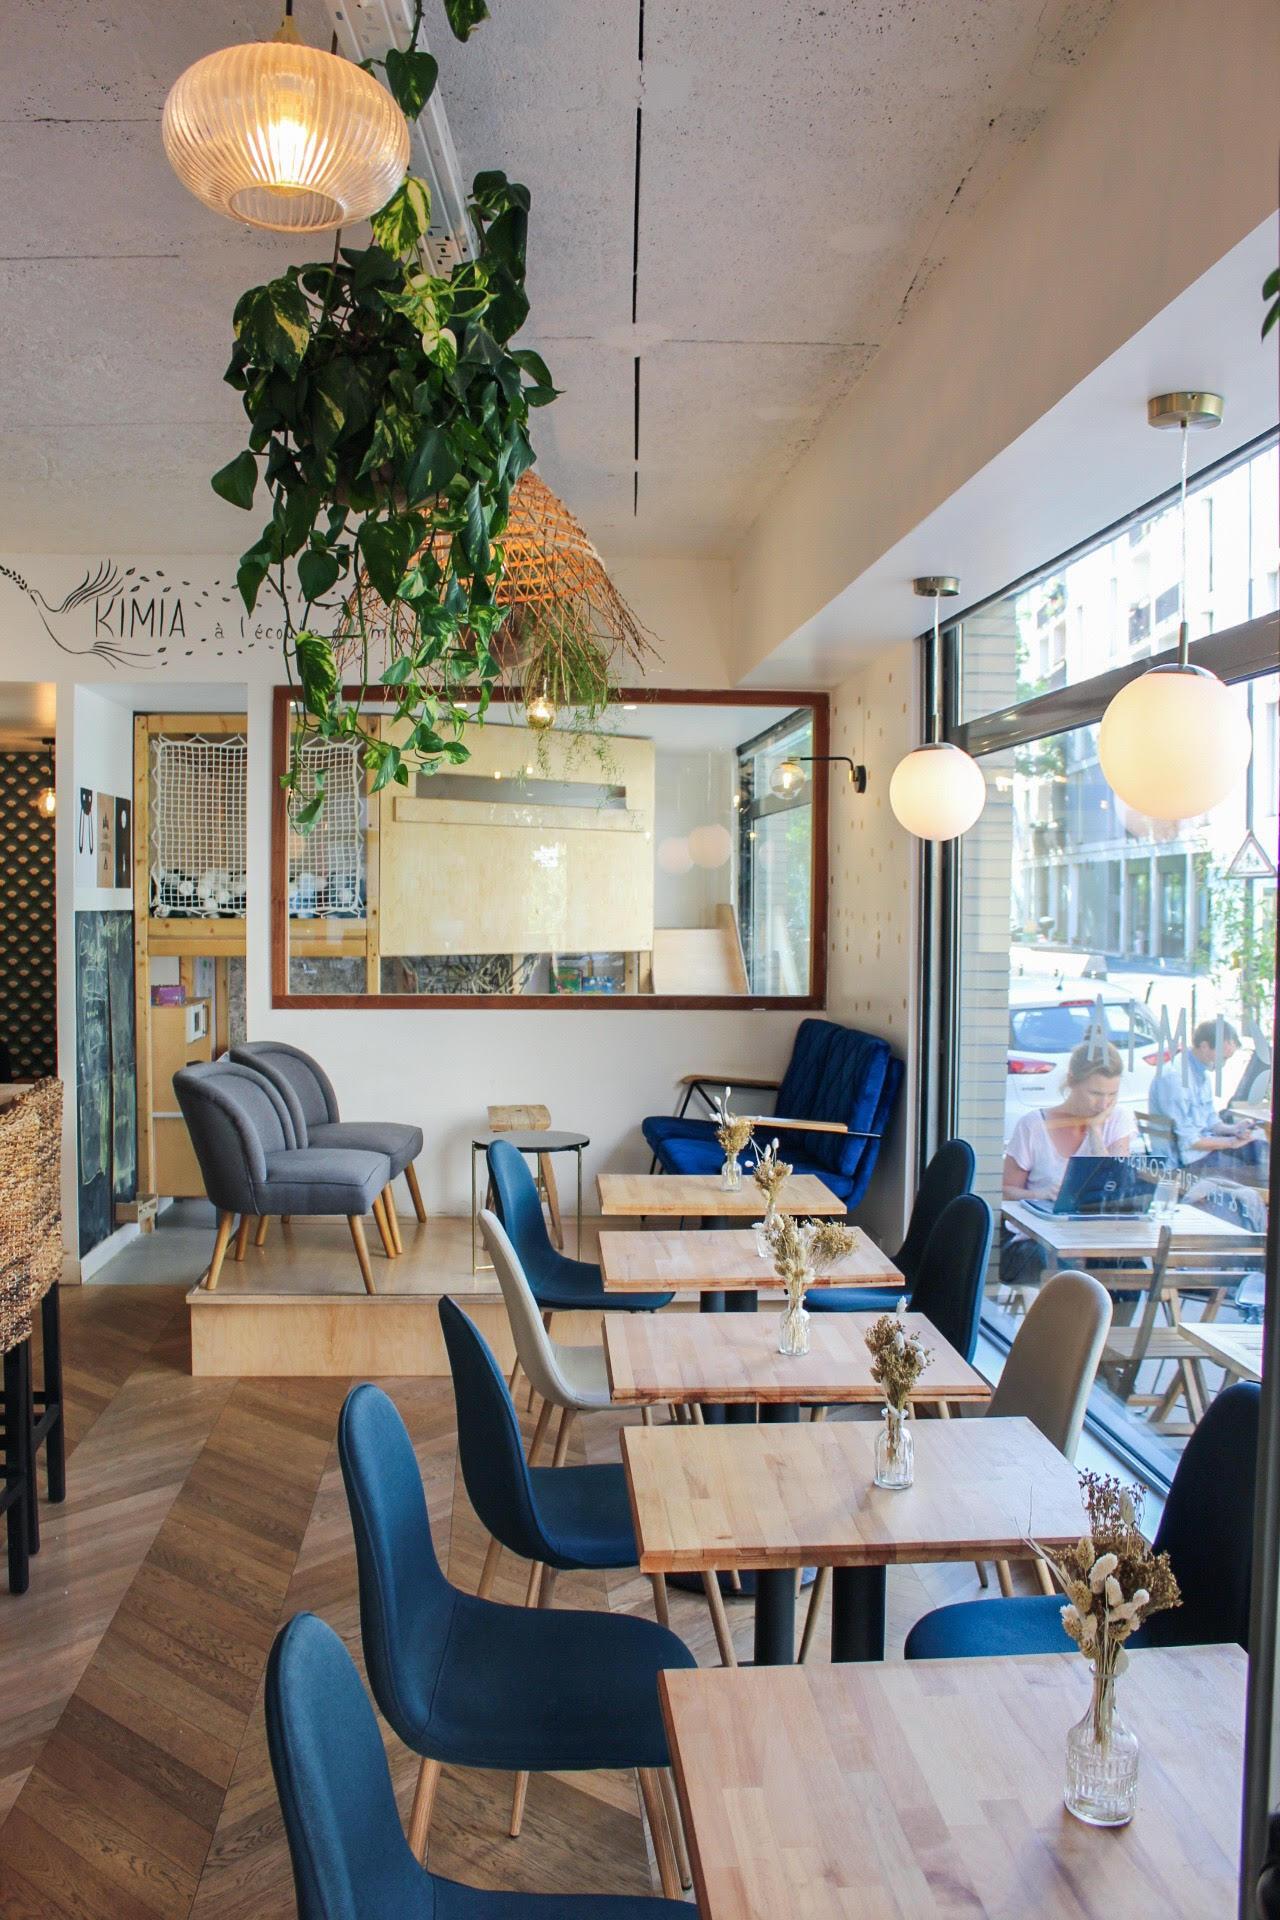 Remède à la mélancolie : le charmant Kimia Café à Ménilmontant